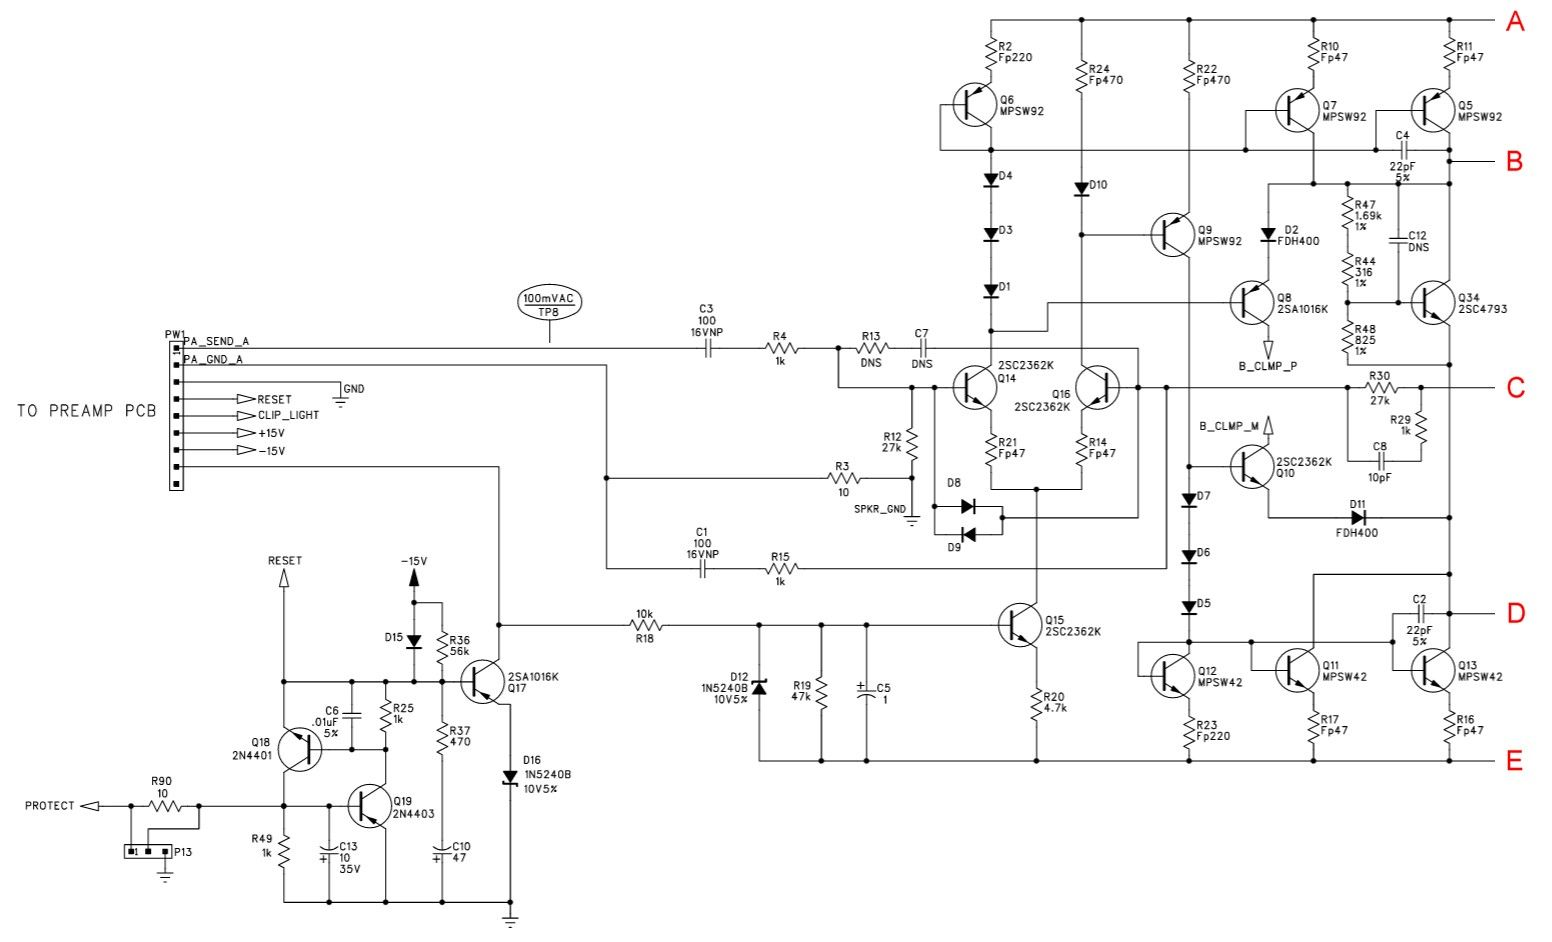 wrg 5771] schema ampli puissance mosfet 1000wschema ampli puissance mosfet 1000w